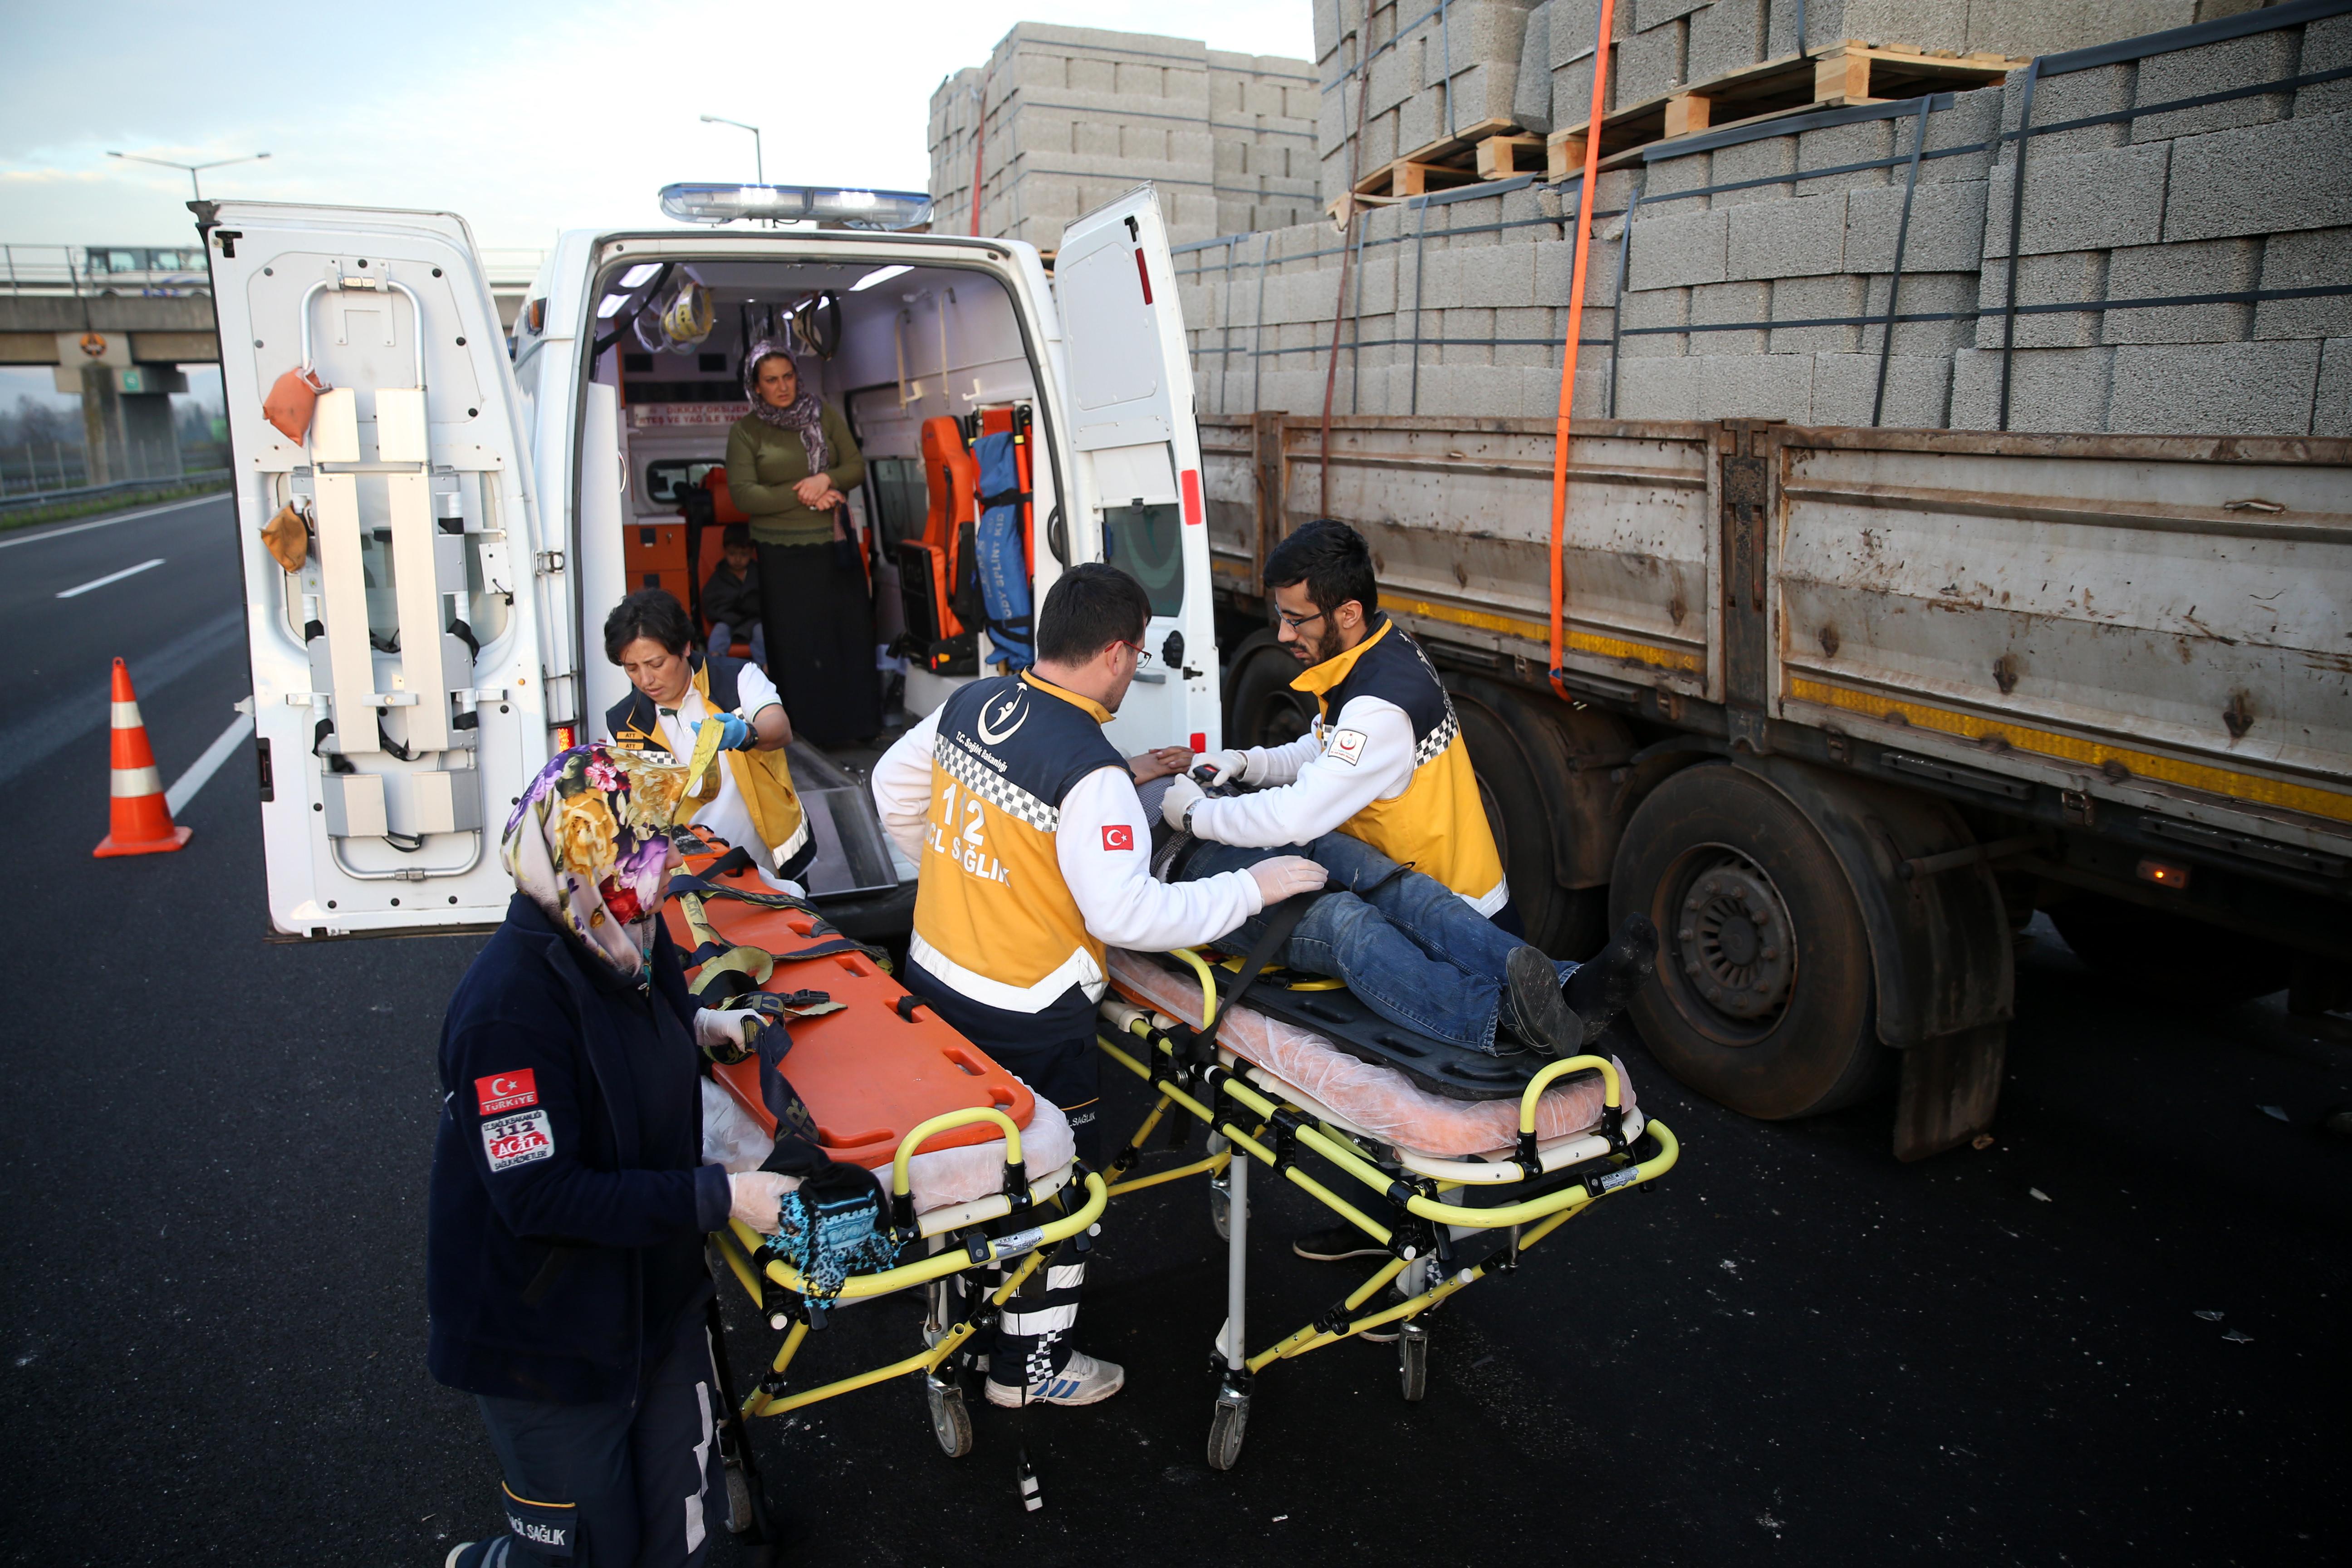 Otobüs park halindeki TIR'a çarptı: 1 ölü, 10 yaralı